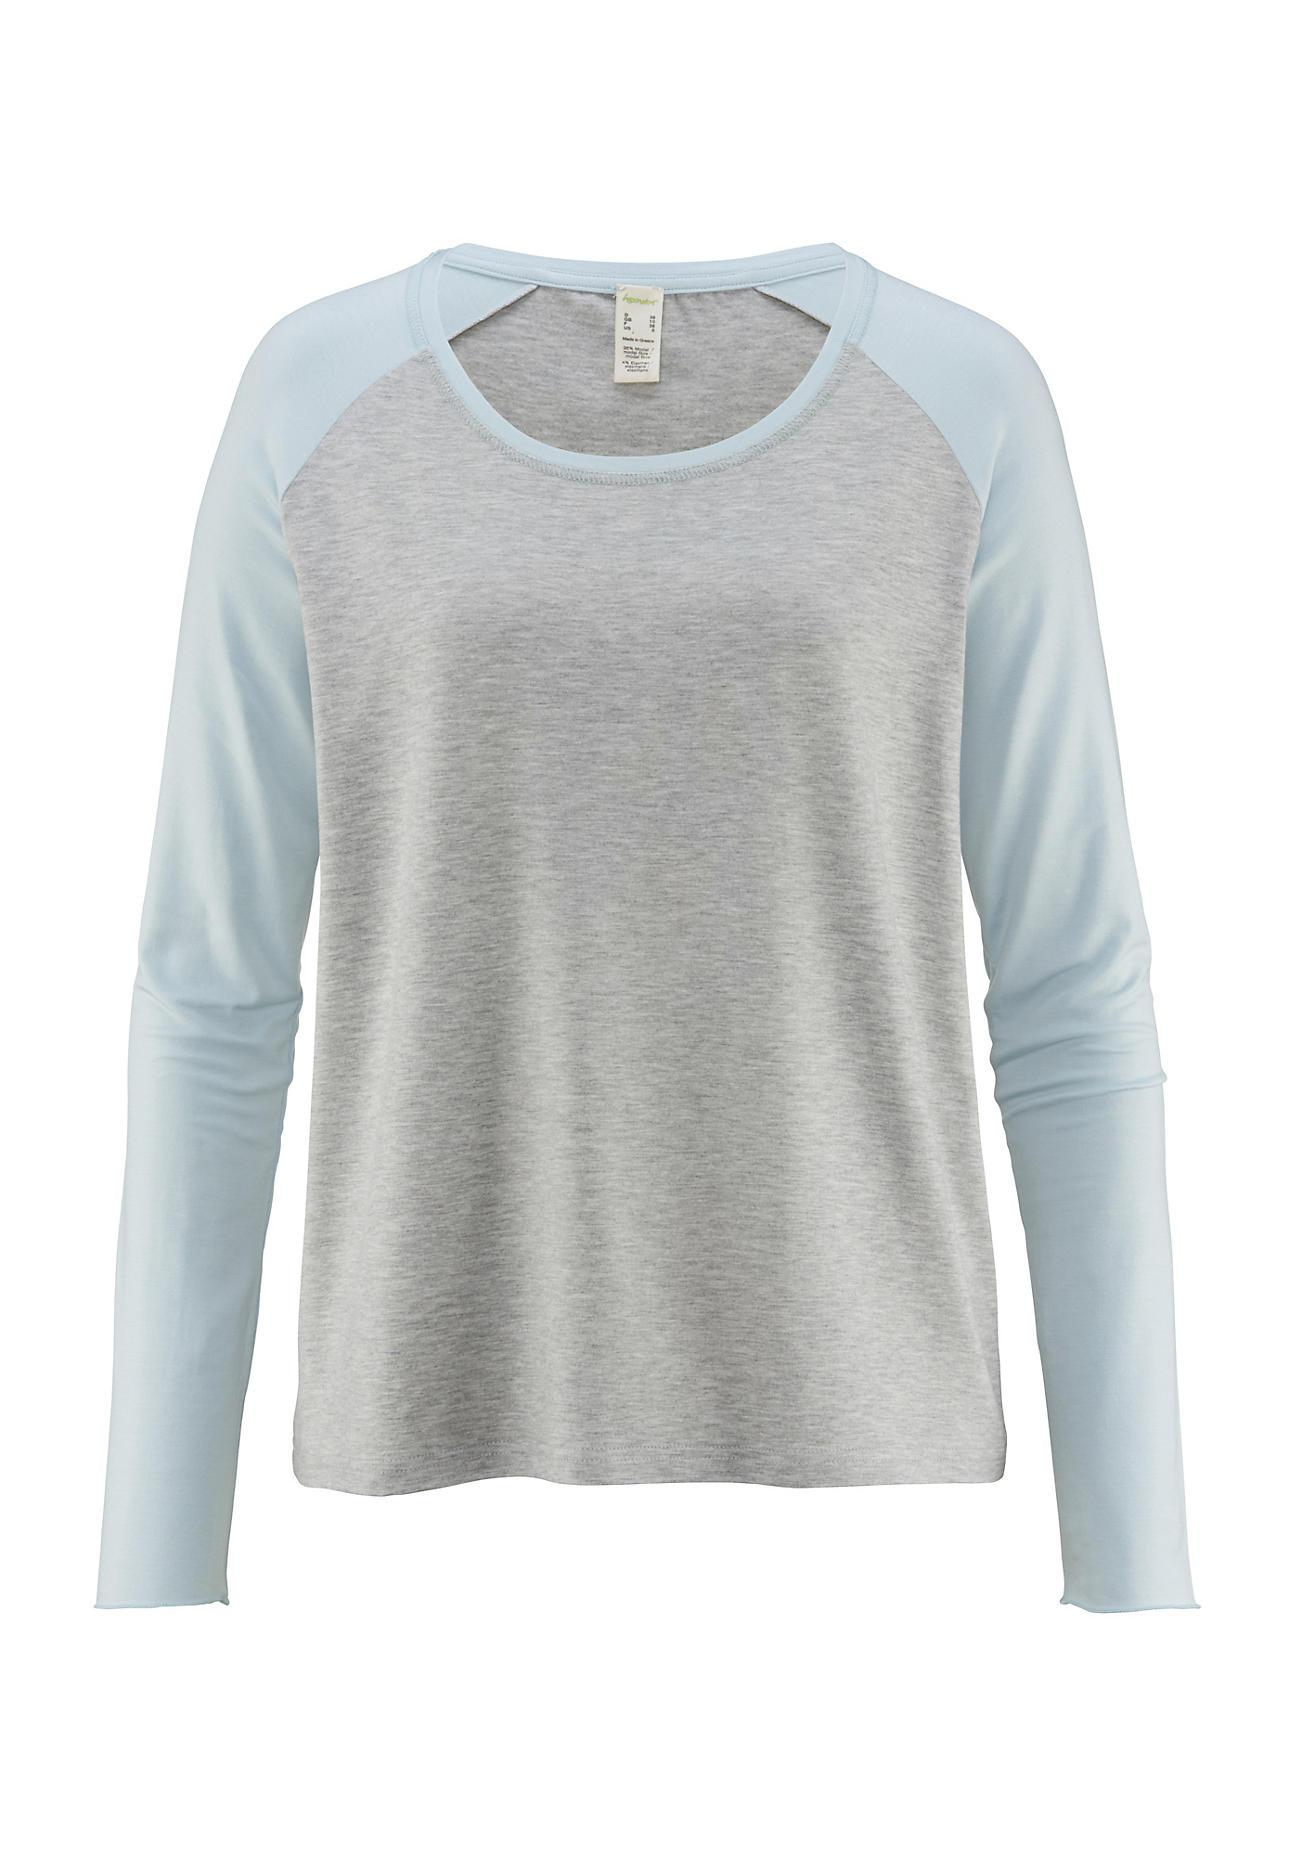 hessnatur Damen Shirt aus Modal – grau – Größe 38